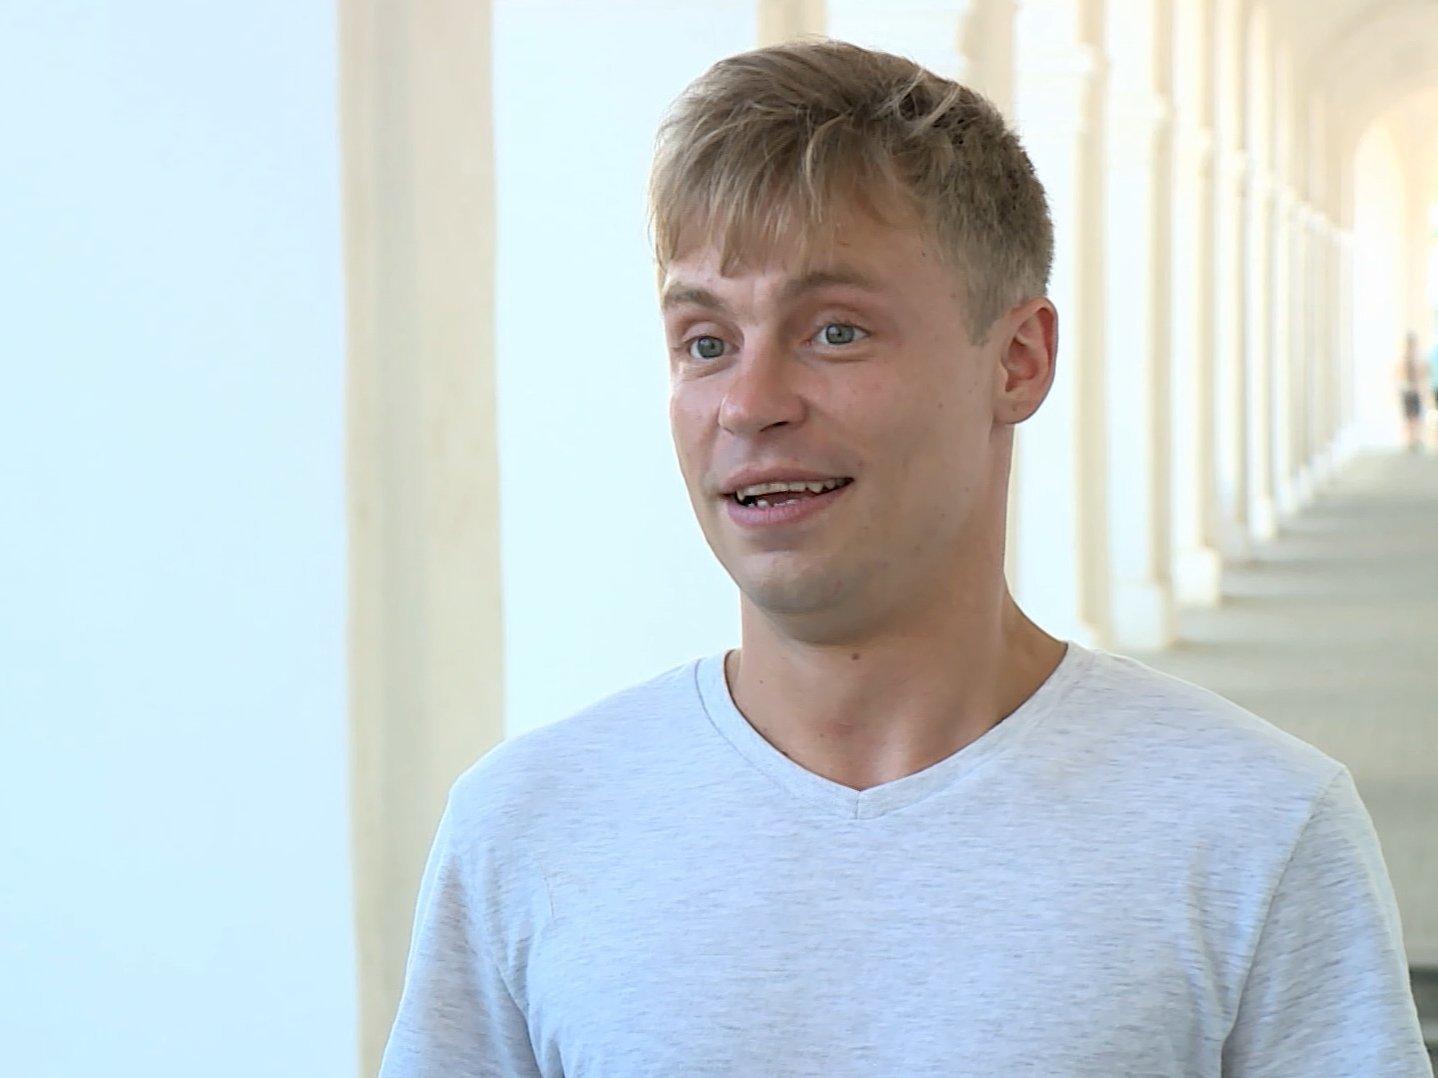 Александр Головин рассказал о предательстве друга